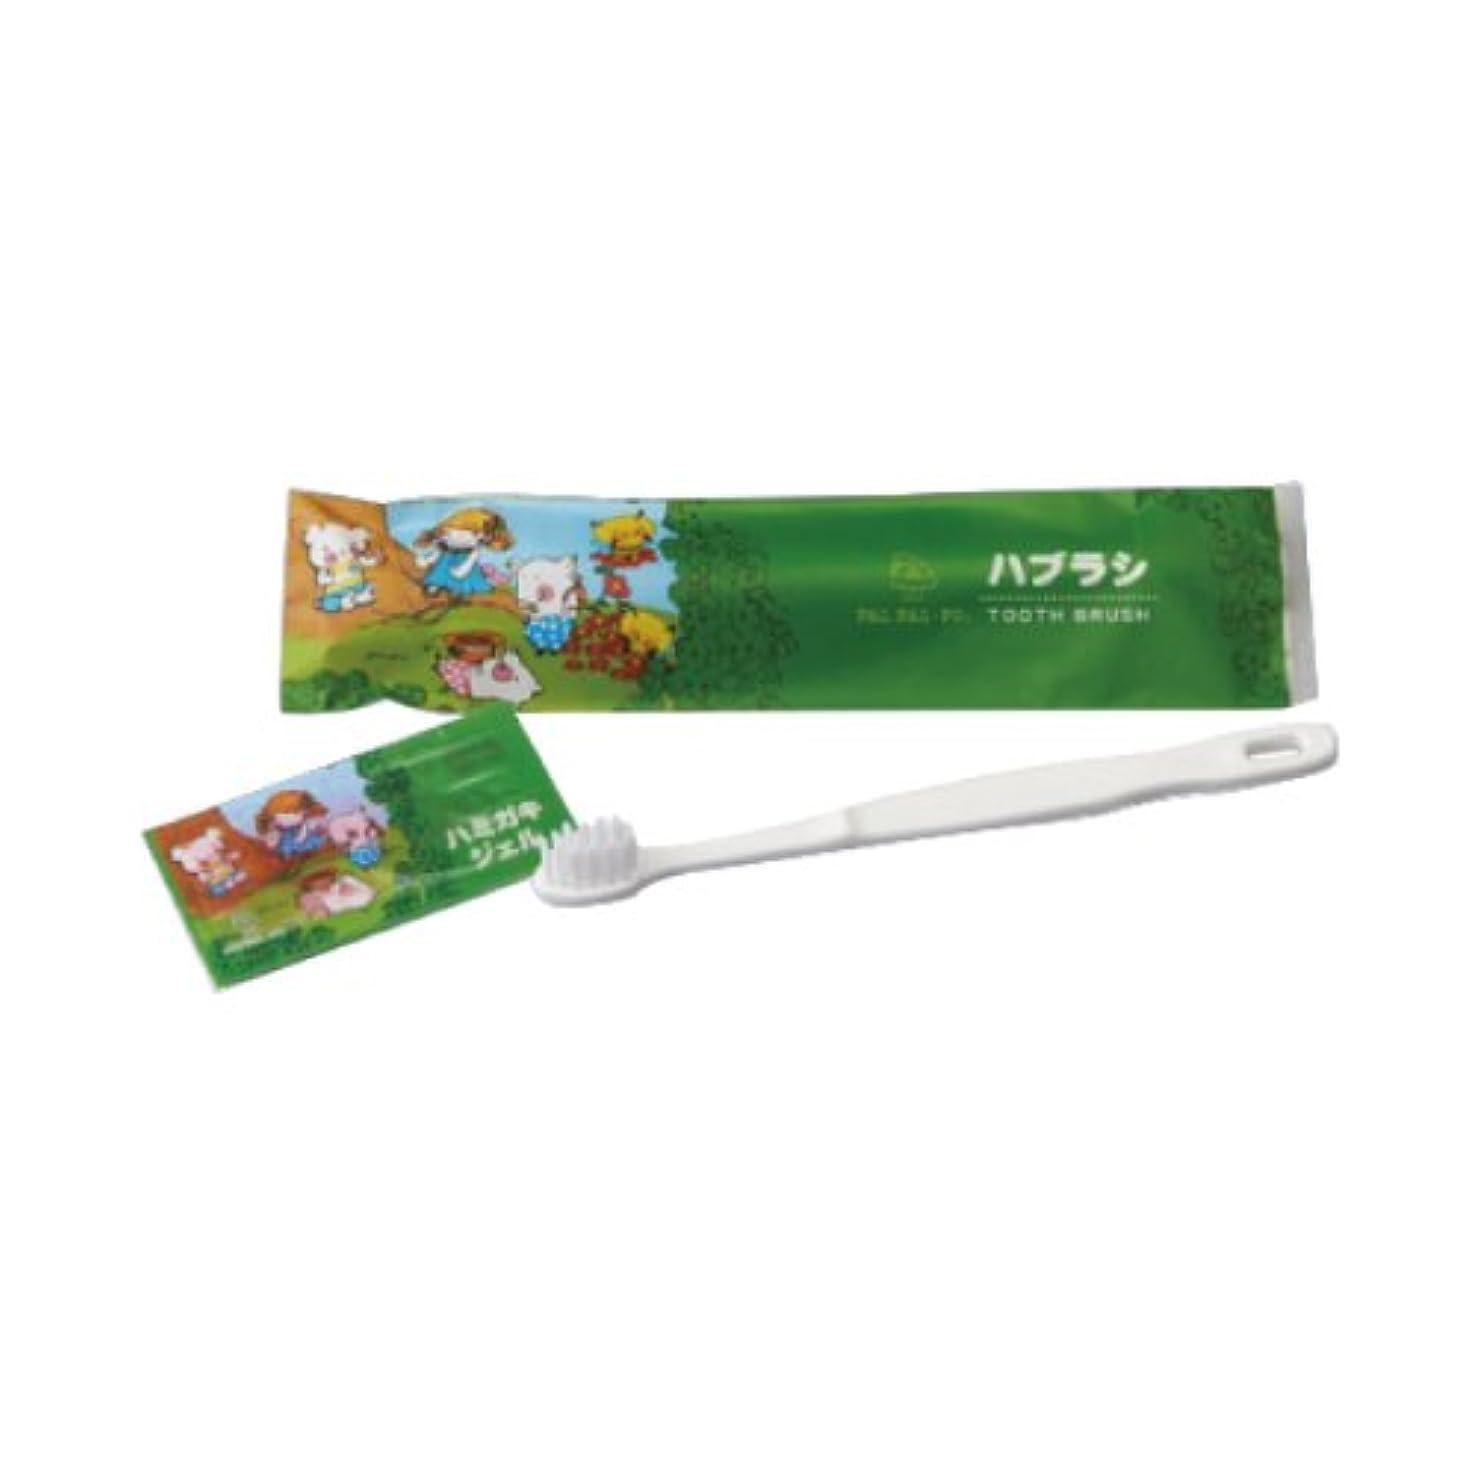 フラフープコンソール効率パルパルポー 子ども用ハブラシ いちご味ジェル付 300本